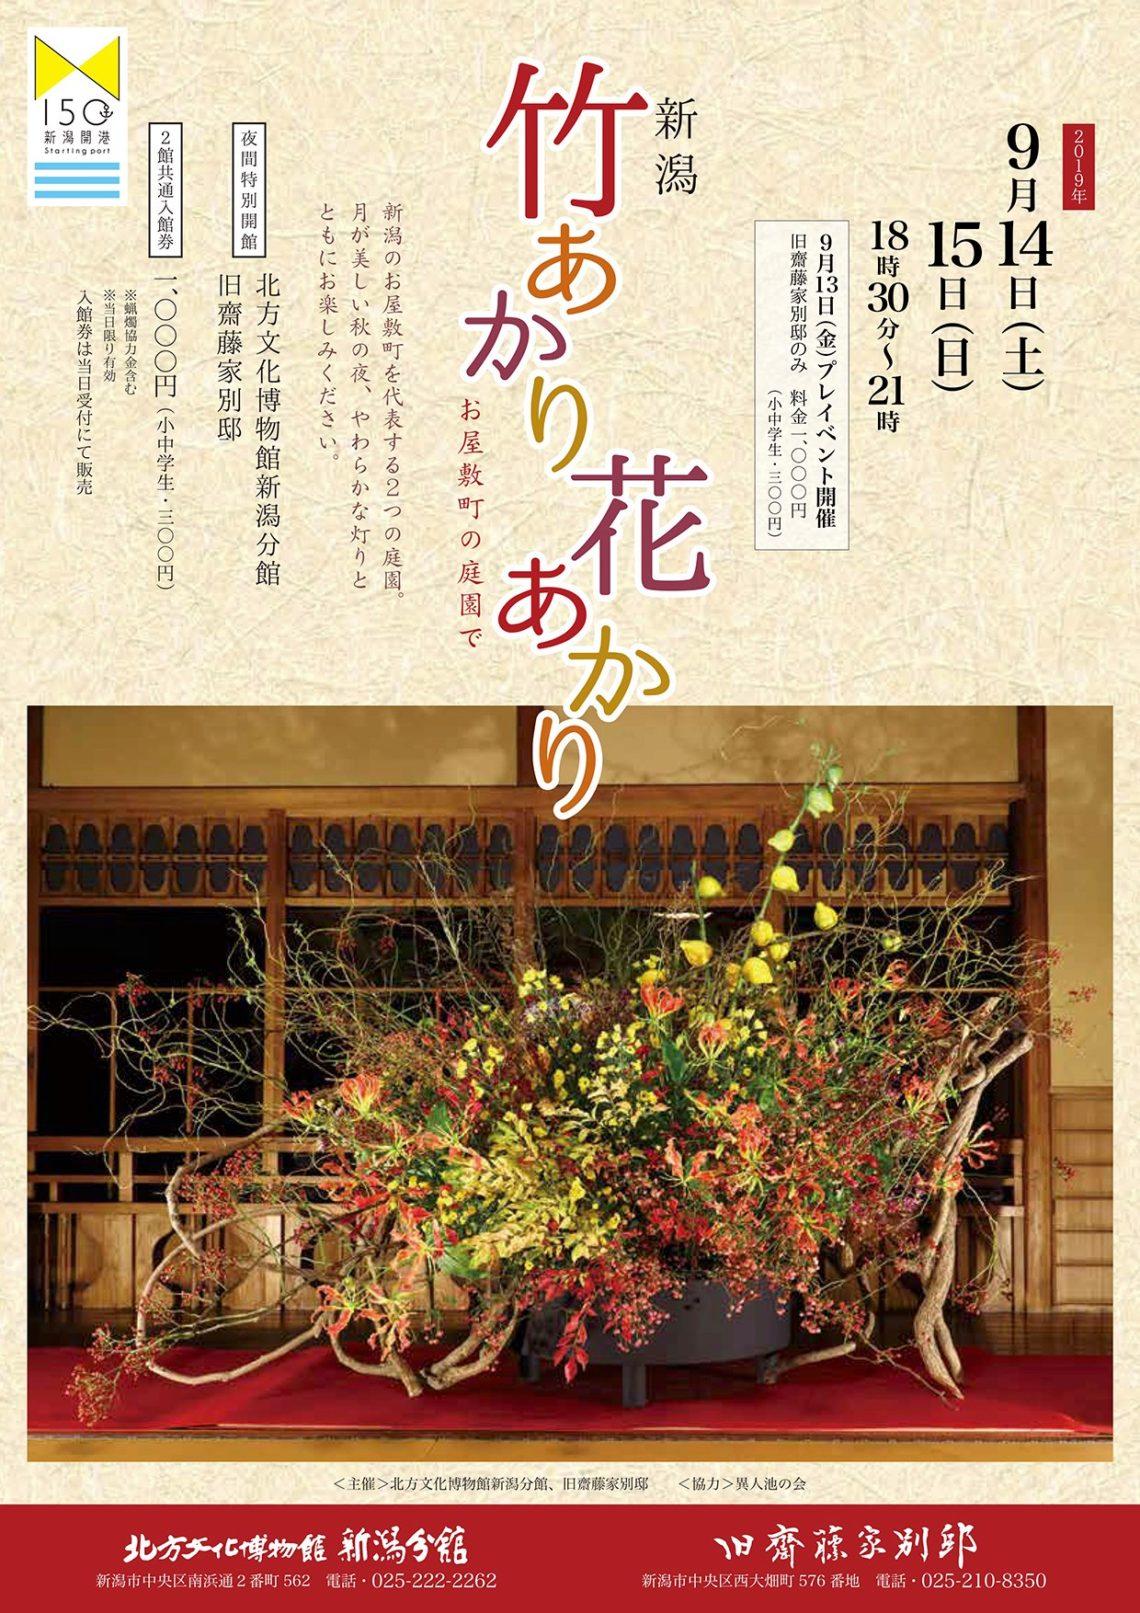 2019.9.14-15 2019竹あかり花あかり @ 北方文化博物館新潟分館、旧齋藤別邸